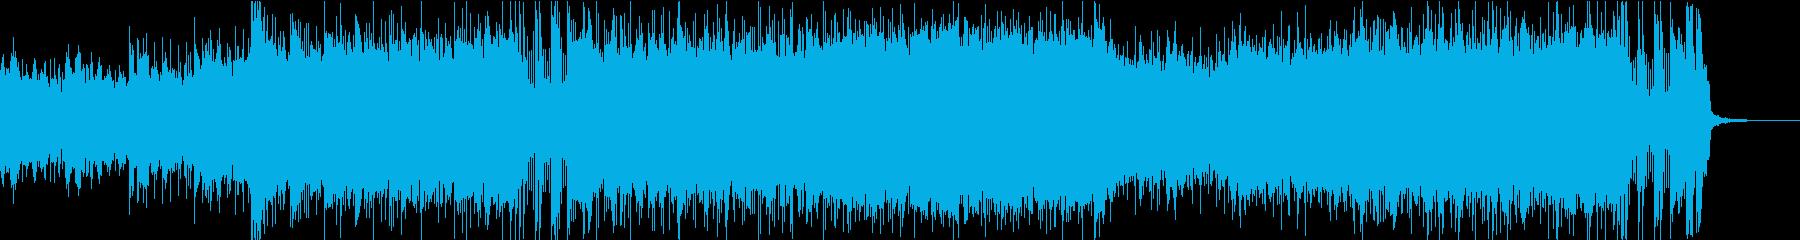 ロックでヘヴィな戦闘曲の再生済みの波形